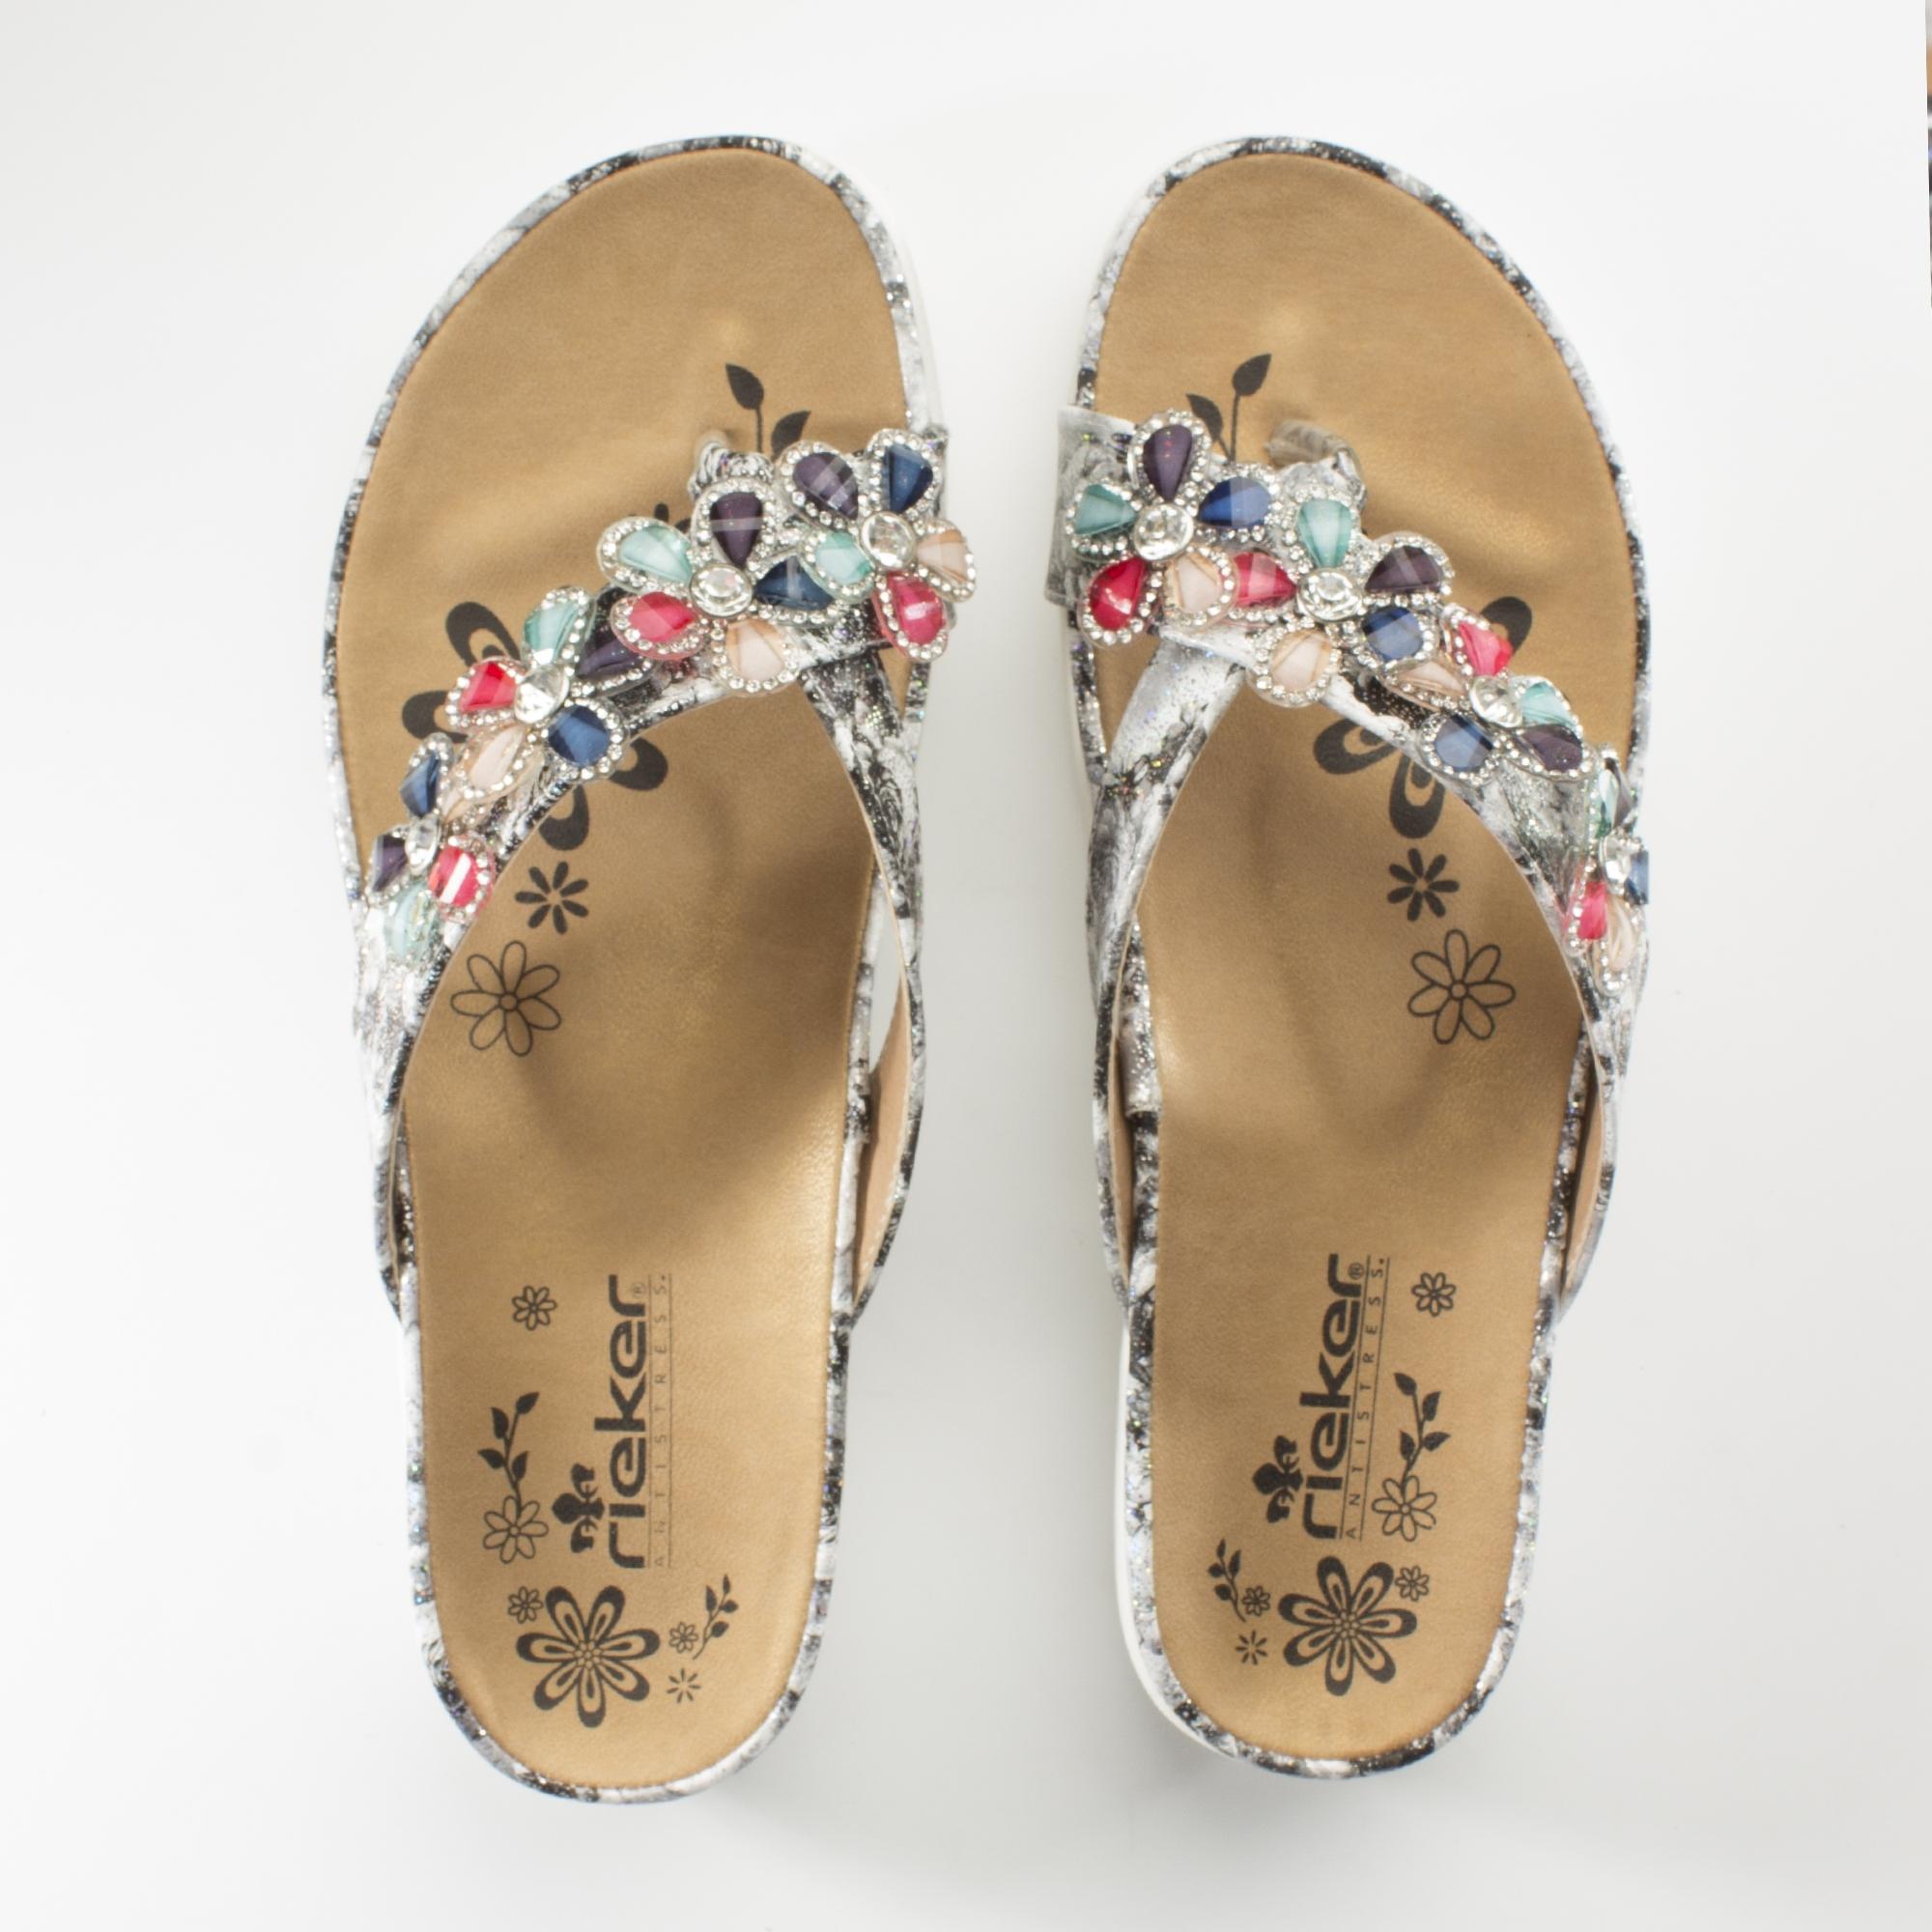 timeless design 0fc1f 68024 Rieker V9591-90 Ladies Embellished Thong Sandals Grey/Multi